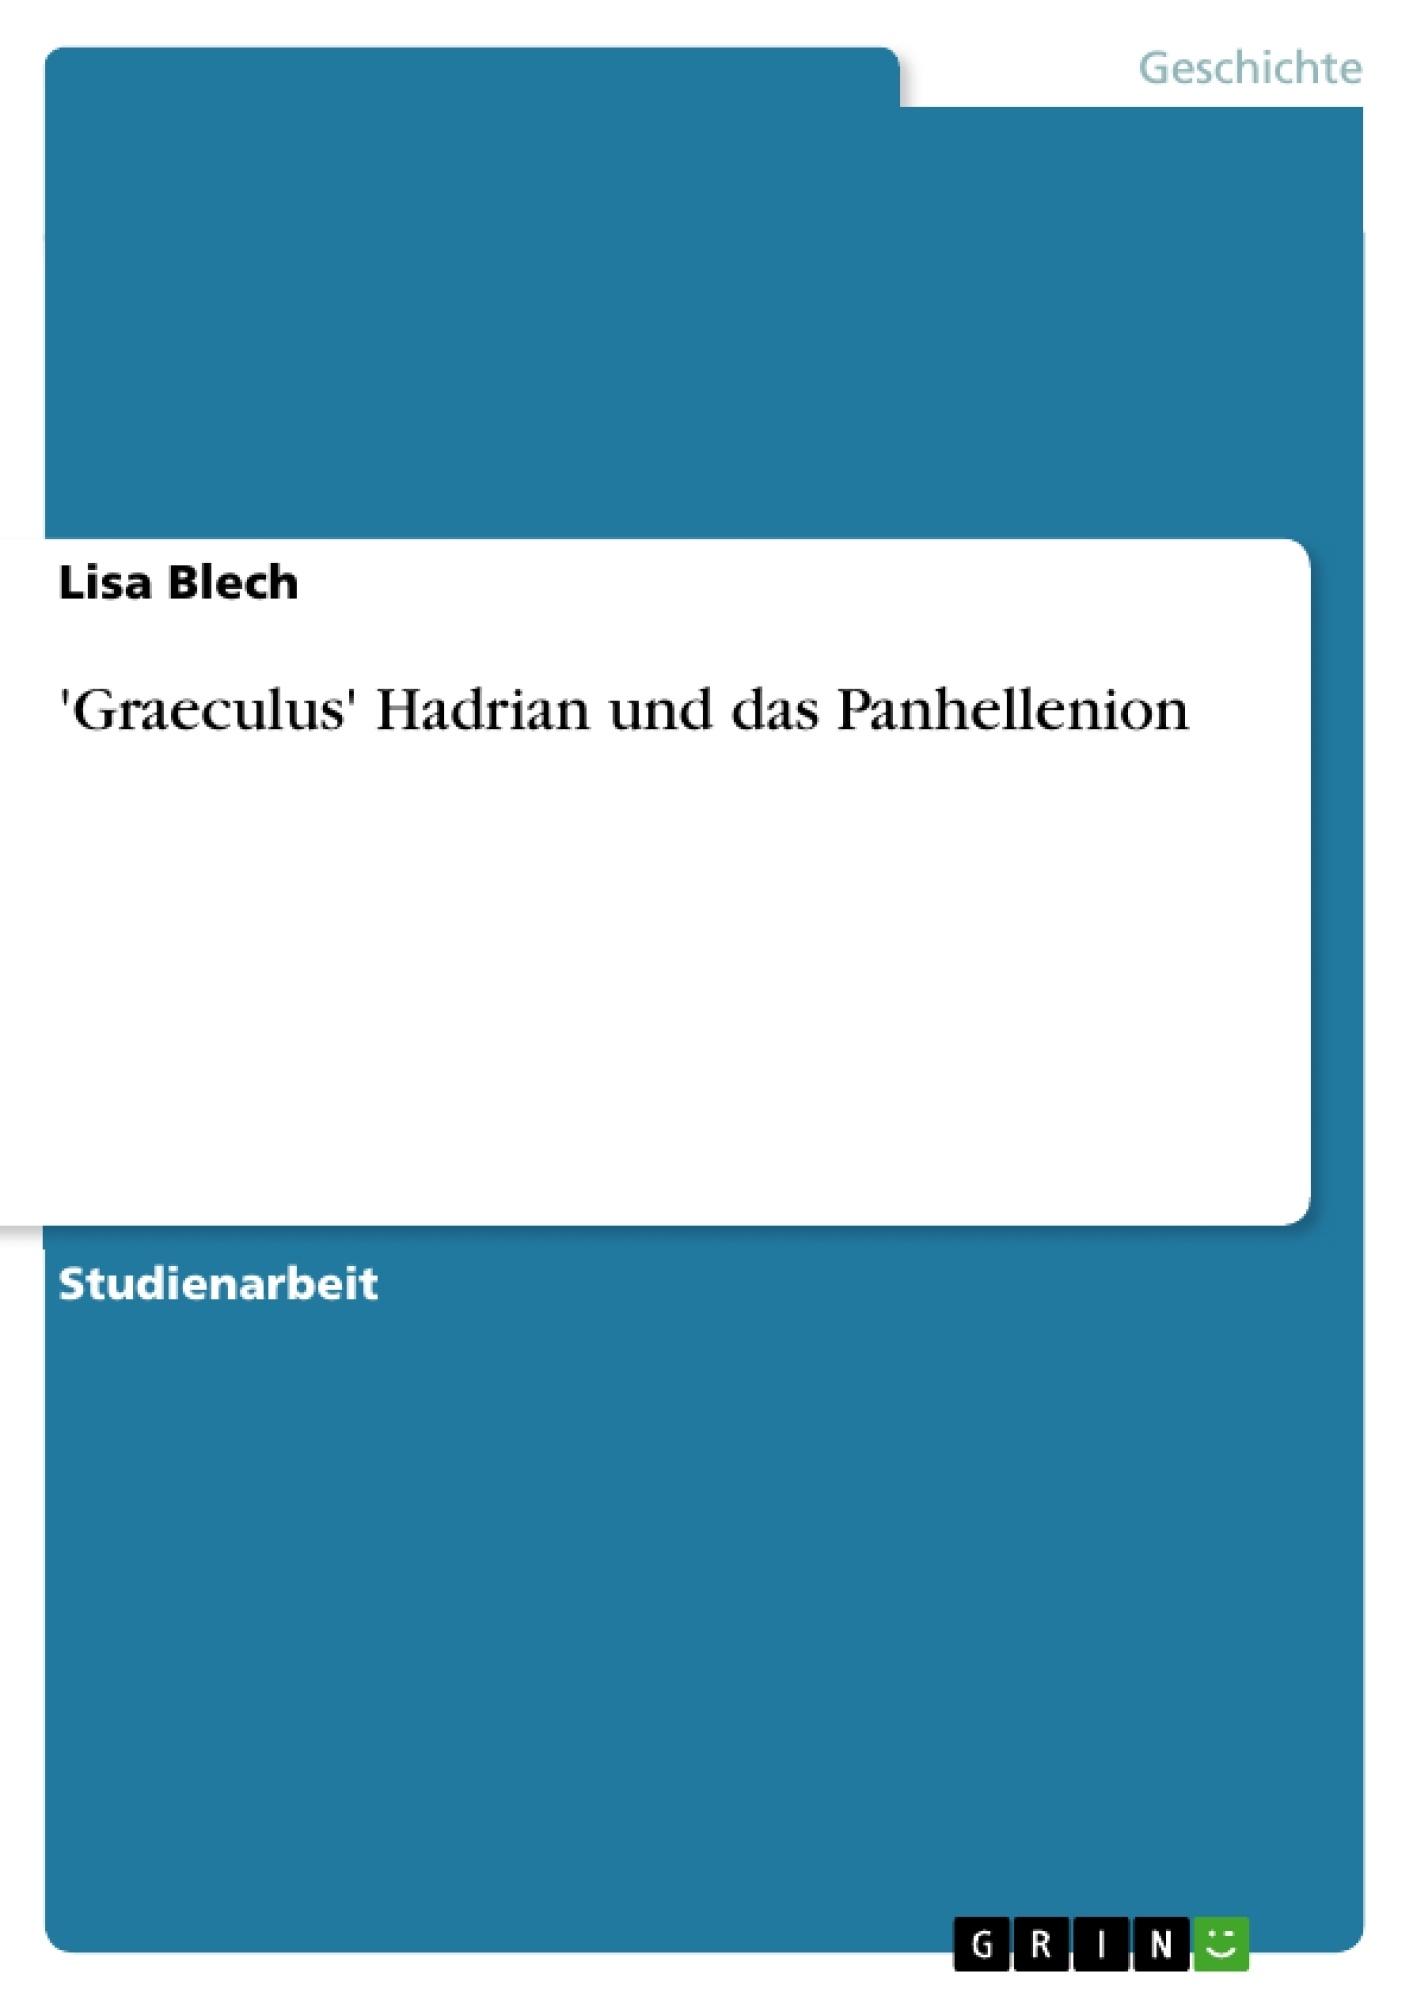 Titel: 'Graeculus' Hadrian und das Panhellenion